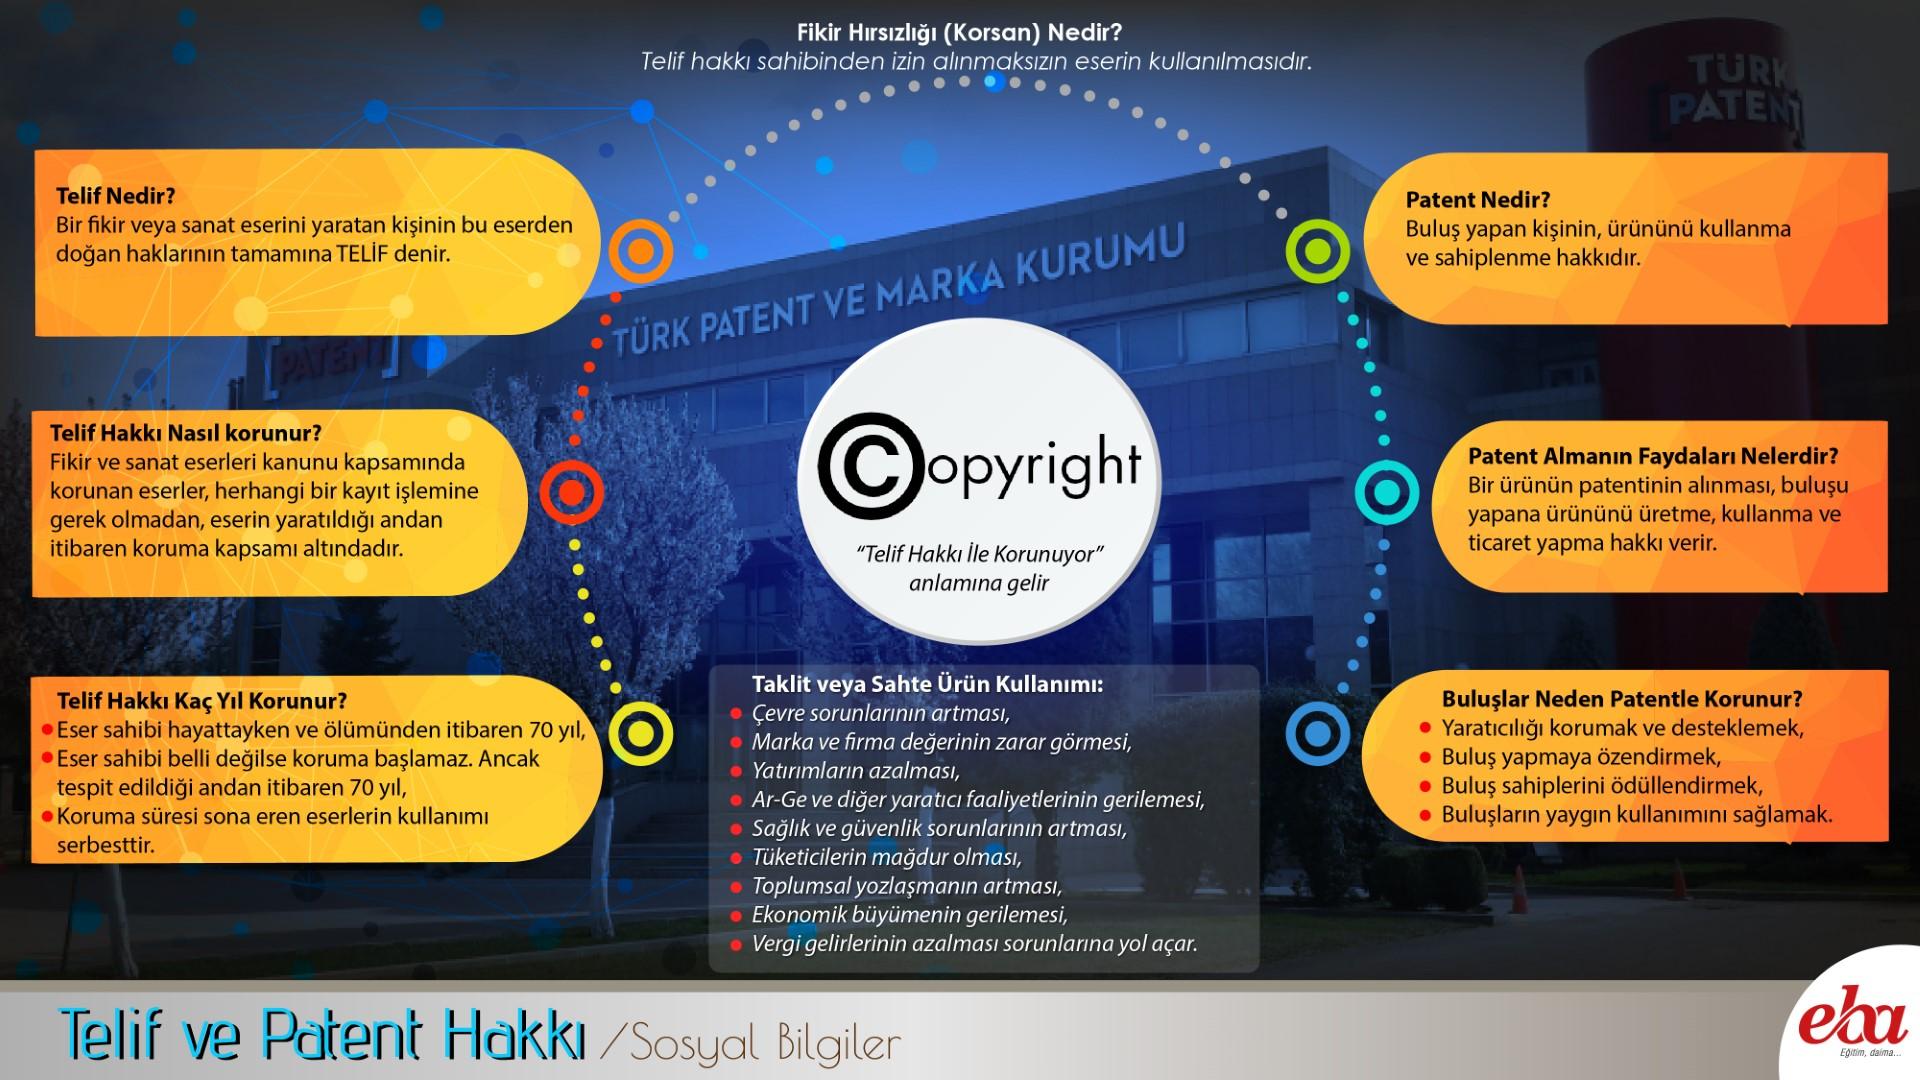 EBA Telif ve Patent Hakkı (Büyük).jpg